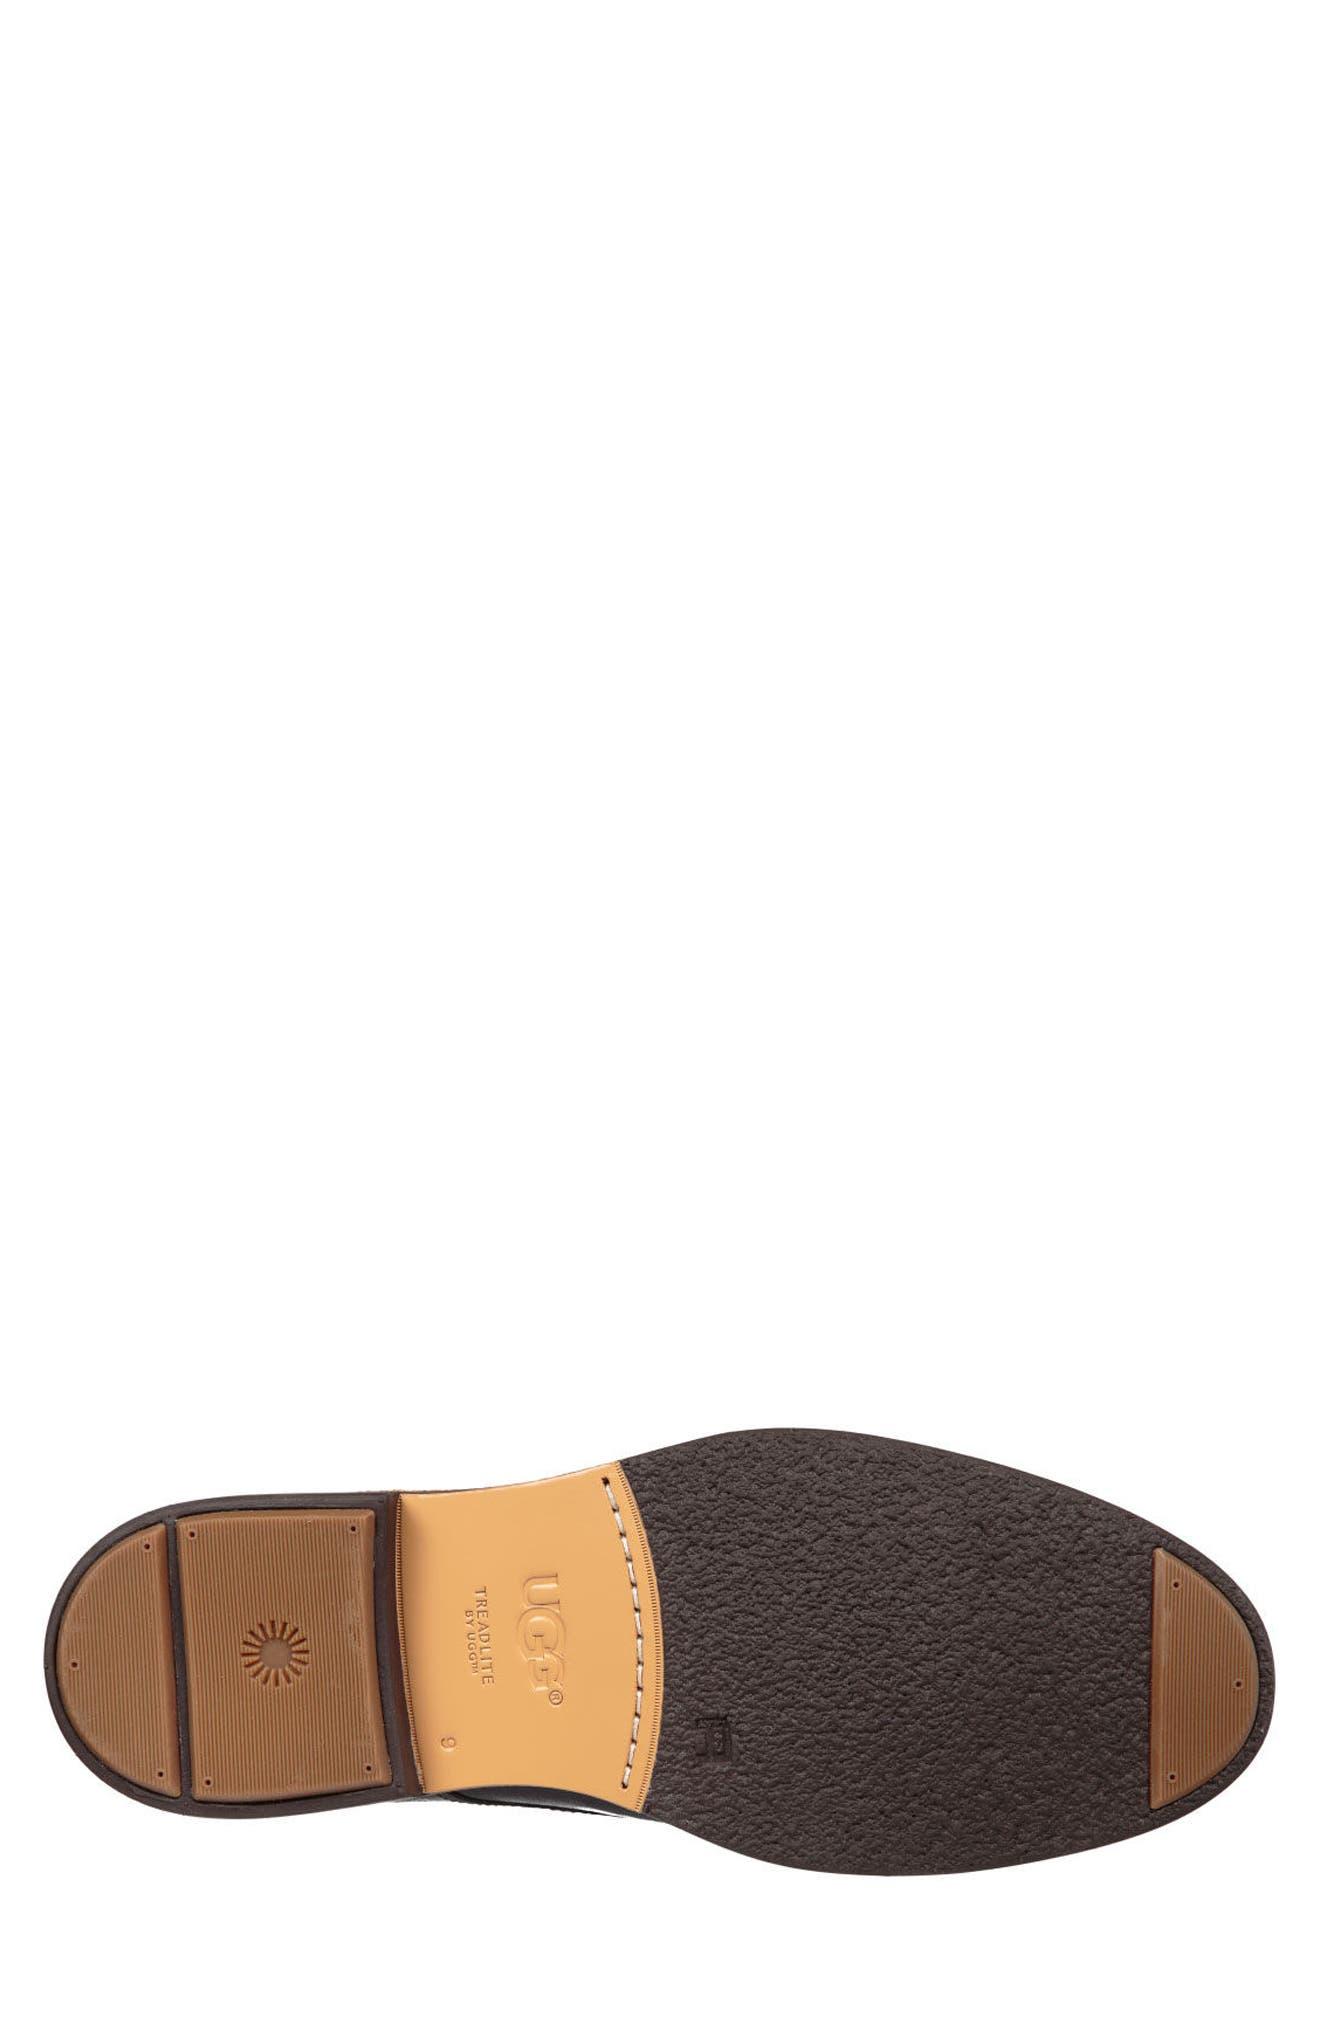 Jovin Buck Shoe,                             Alternate thumbnail 5, color,                             002